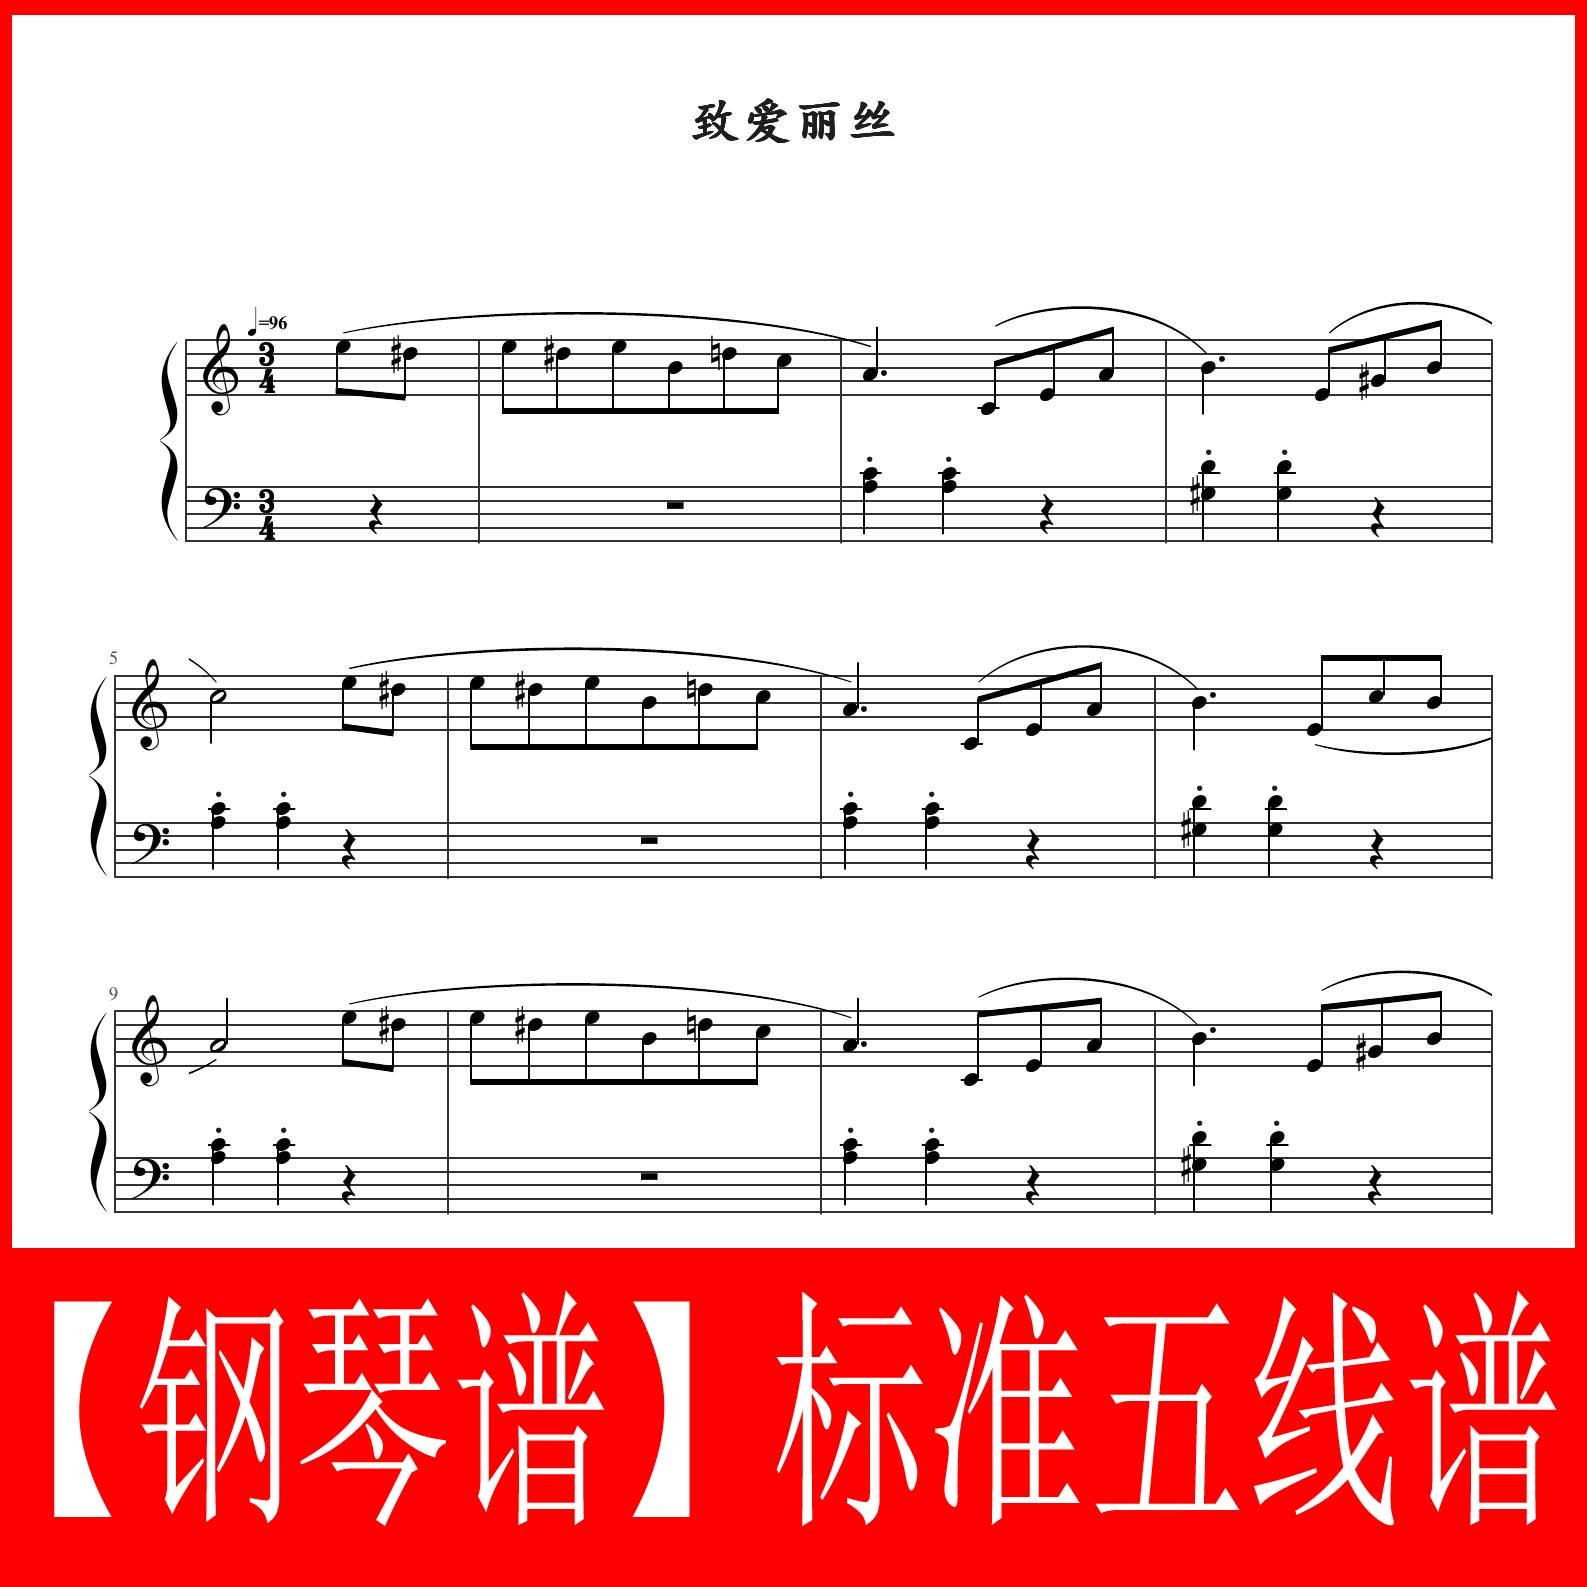 致爱丽丝钢琴曲指法_